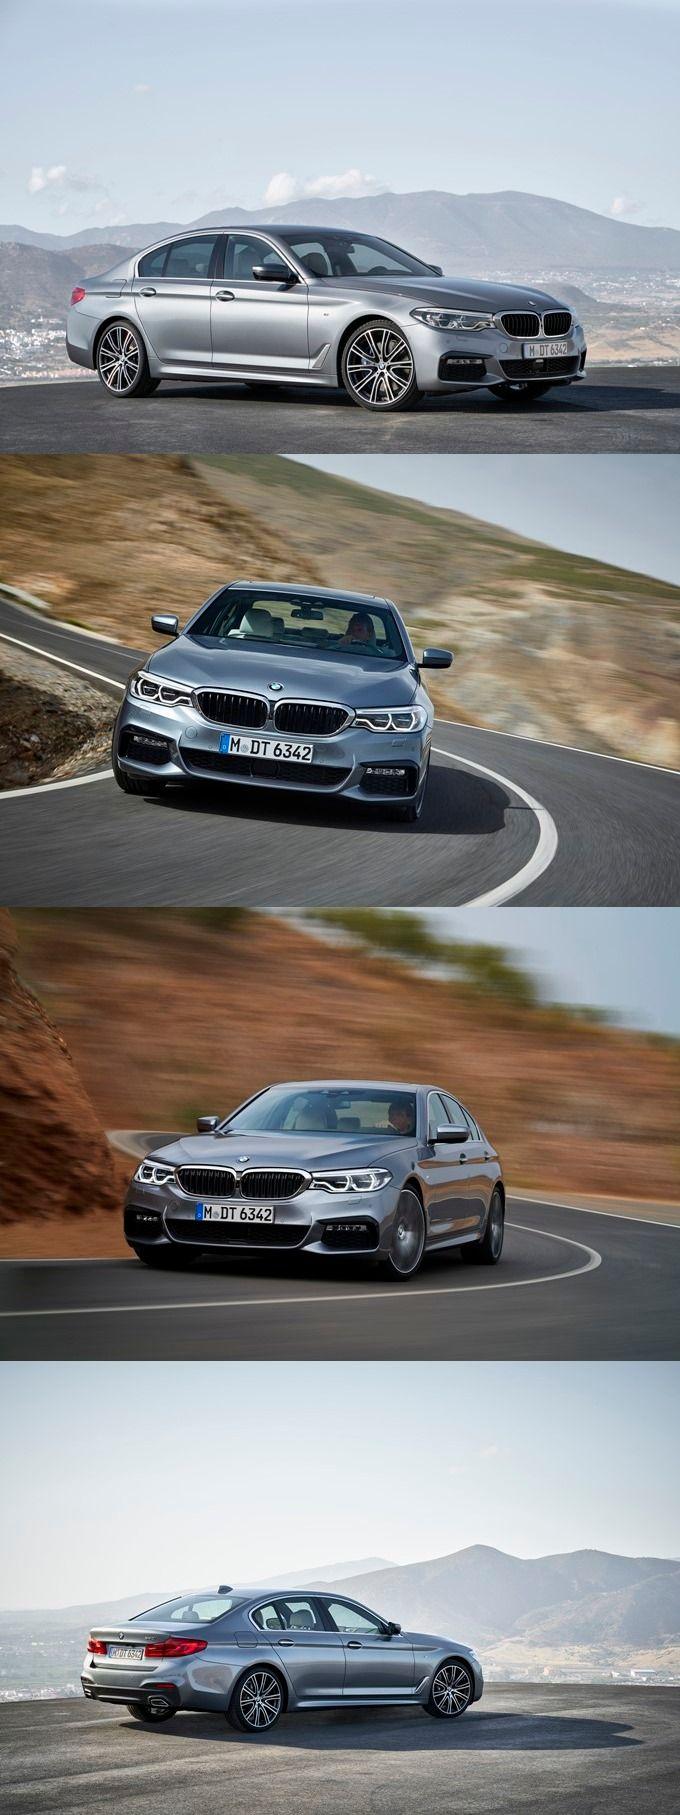 NAIAS 2017: India-bound New BMW 5 Series Unveiled